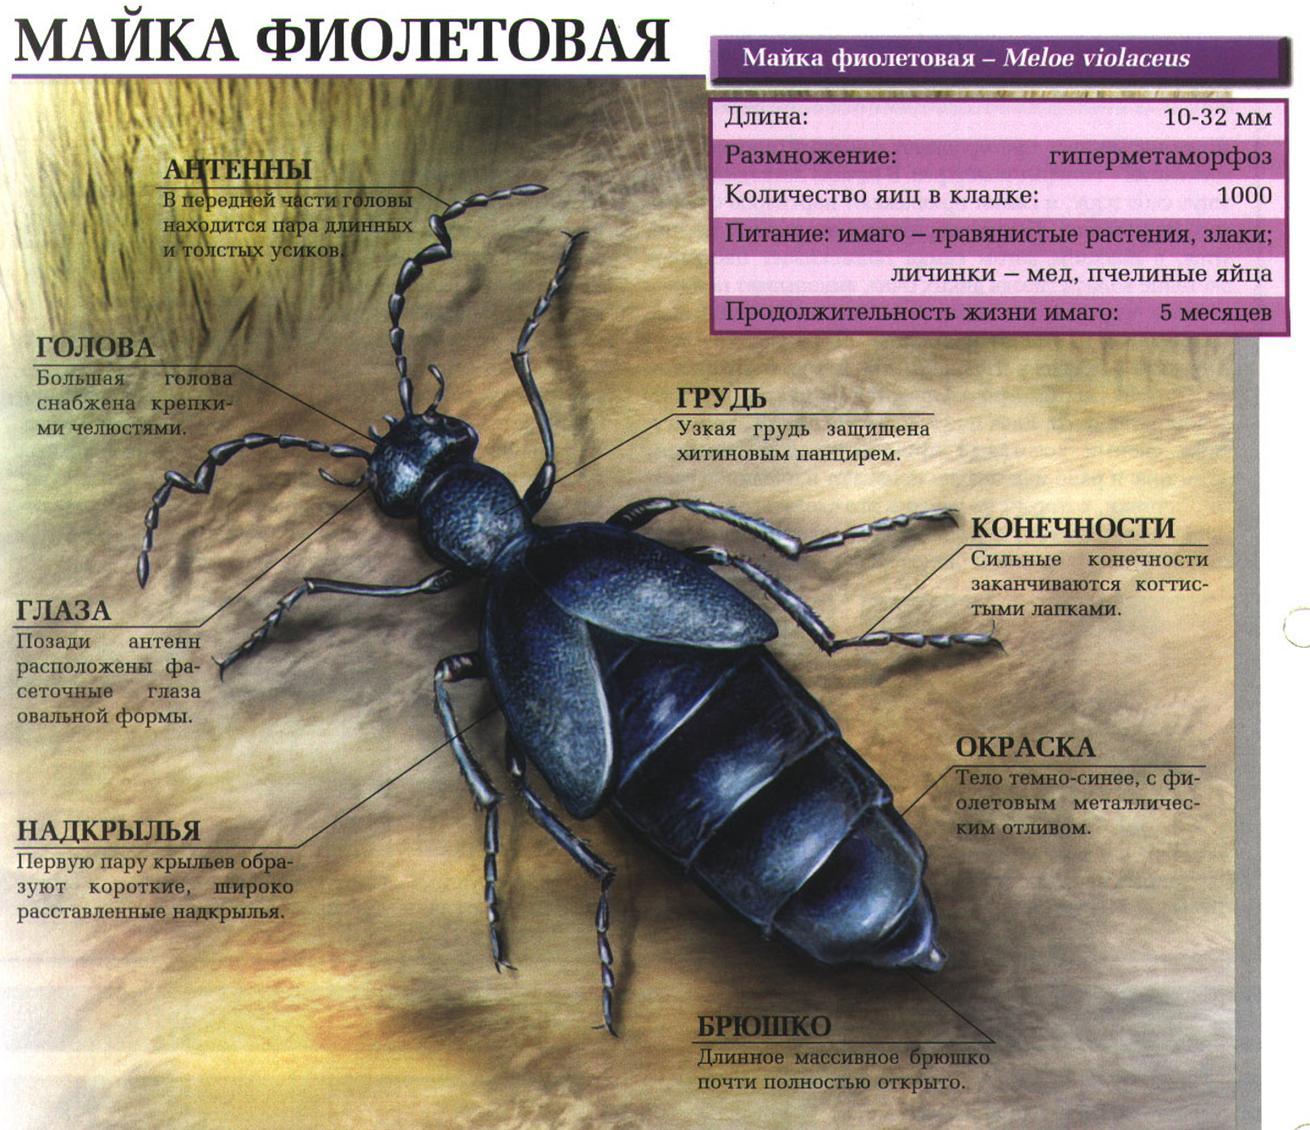 Восковик перевязанный: образ жизни и развитие летнего жука